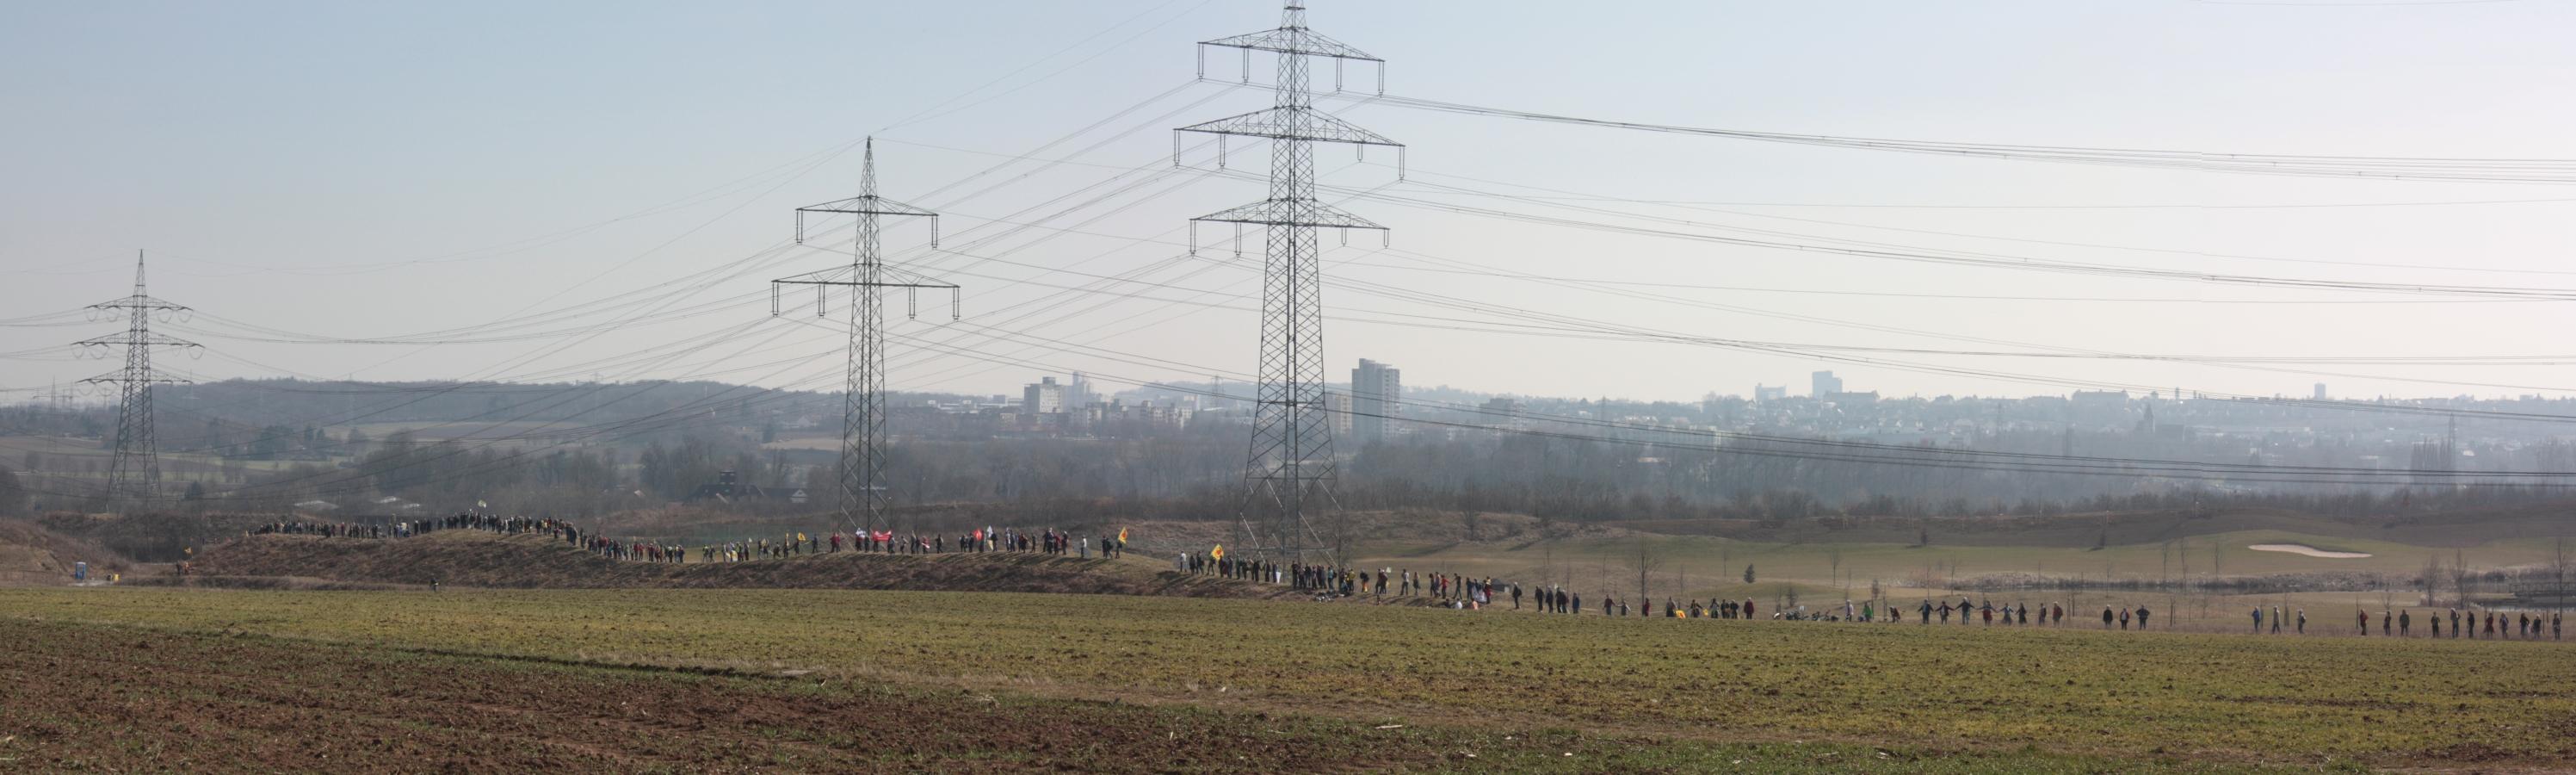 Menschenkette im Aufbau